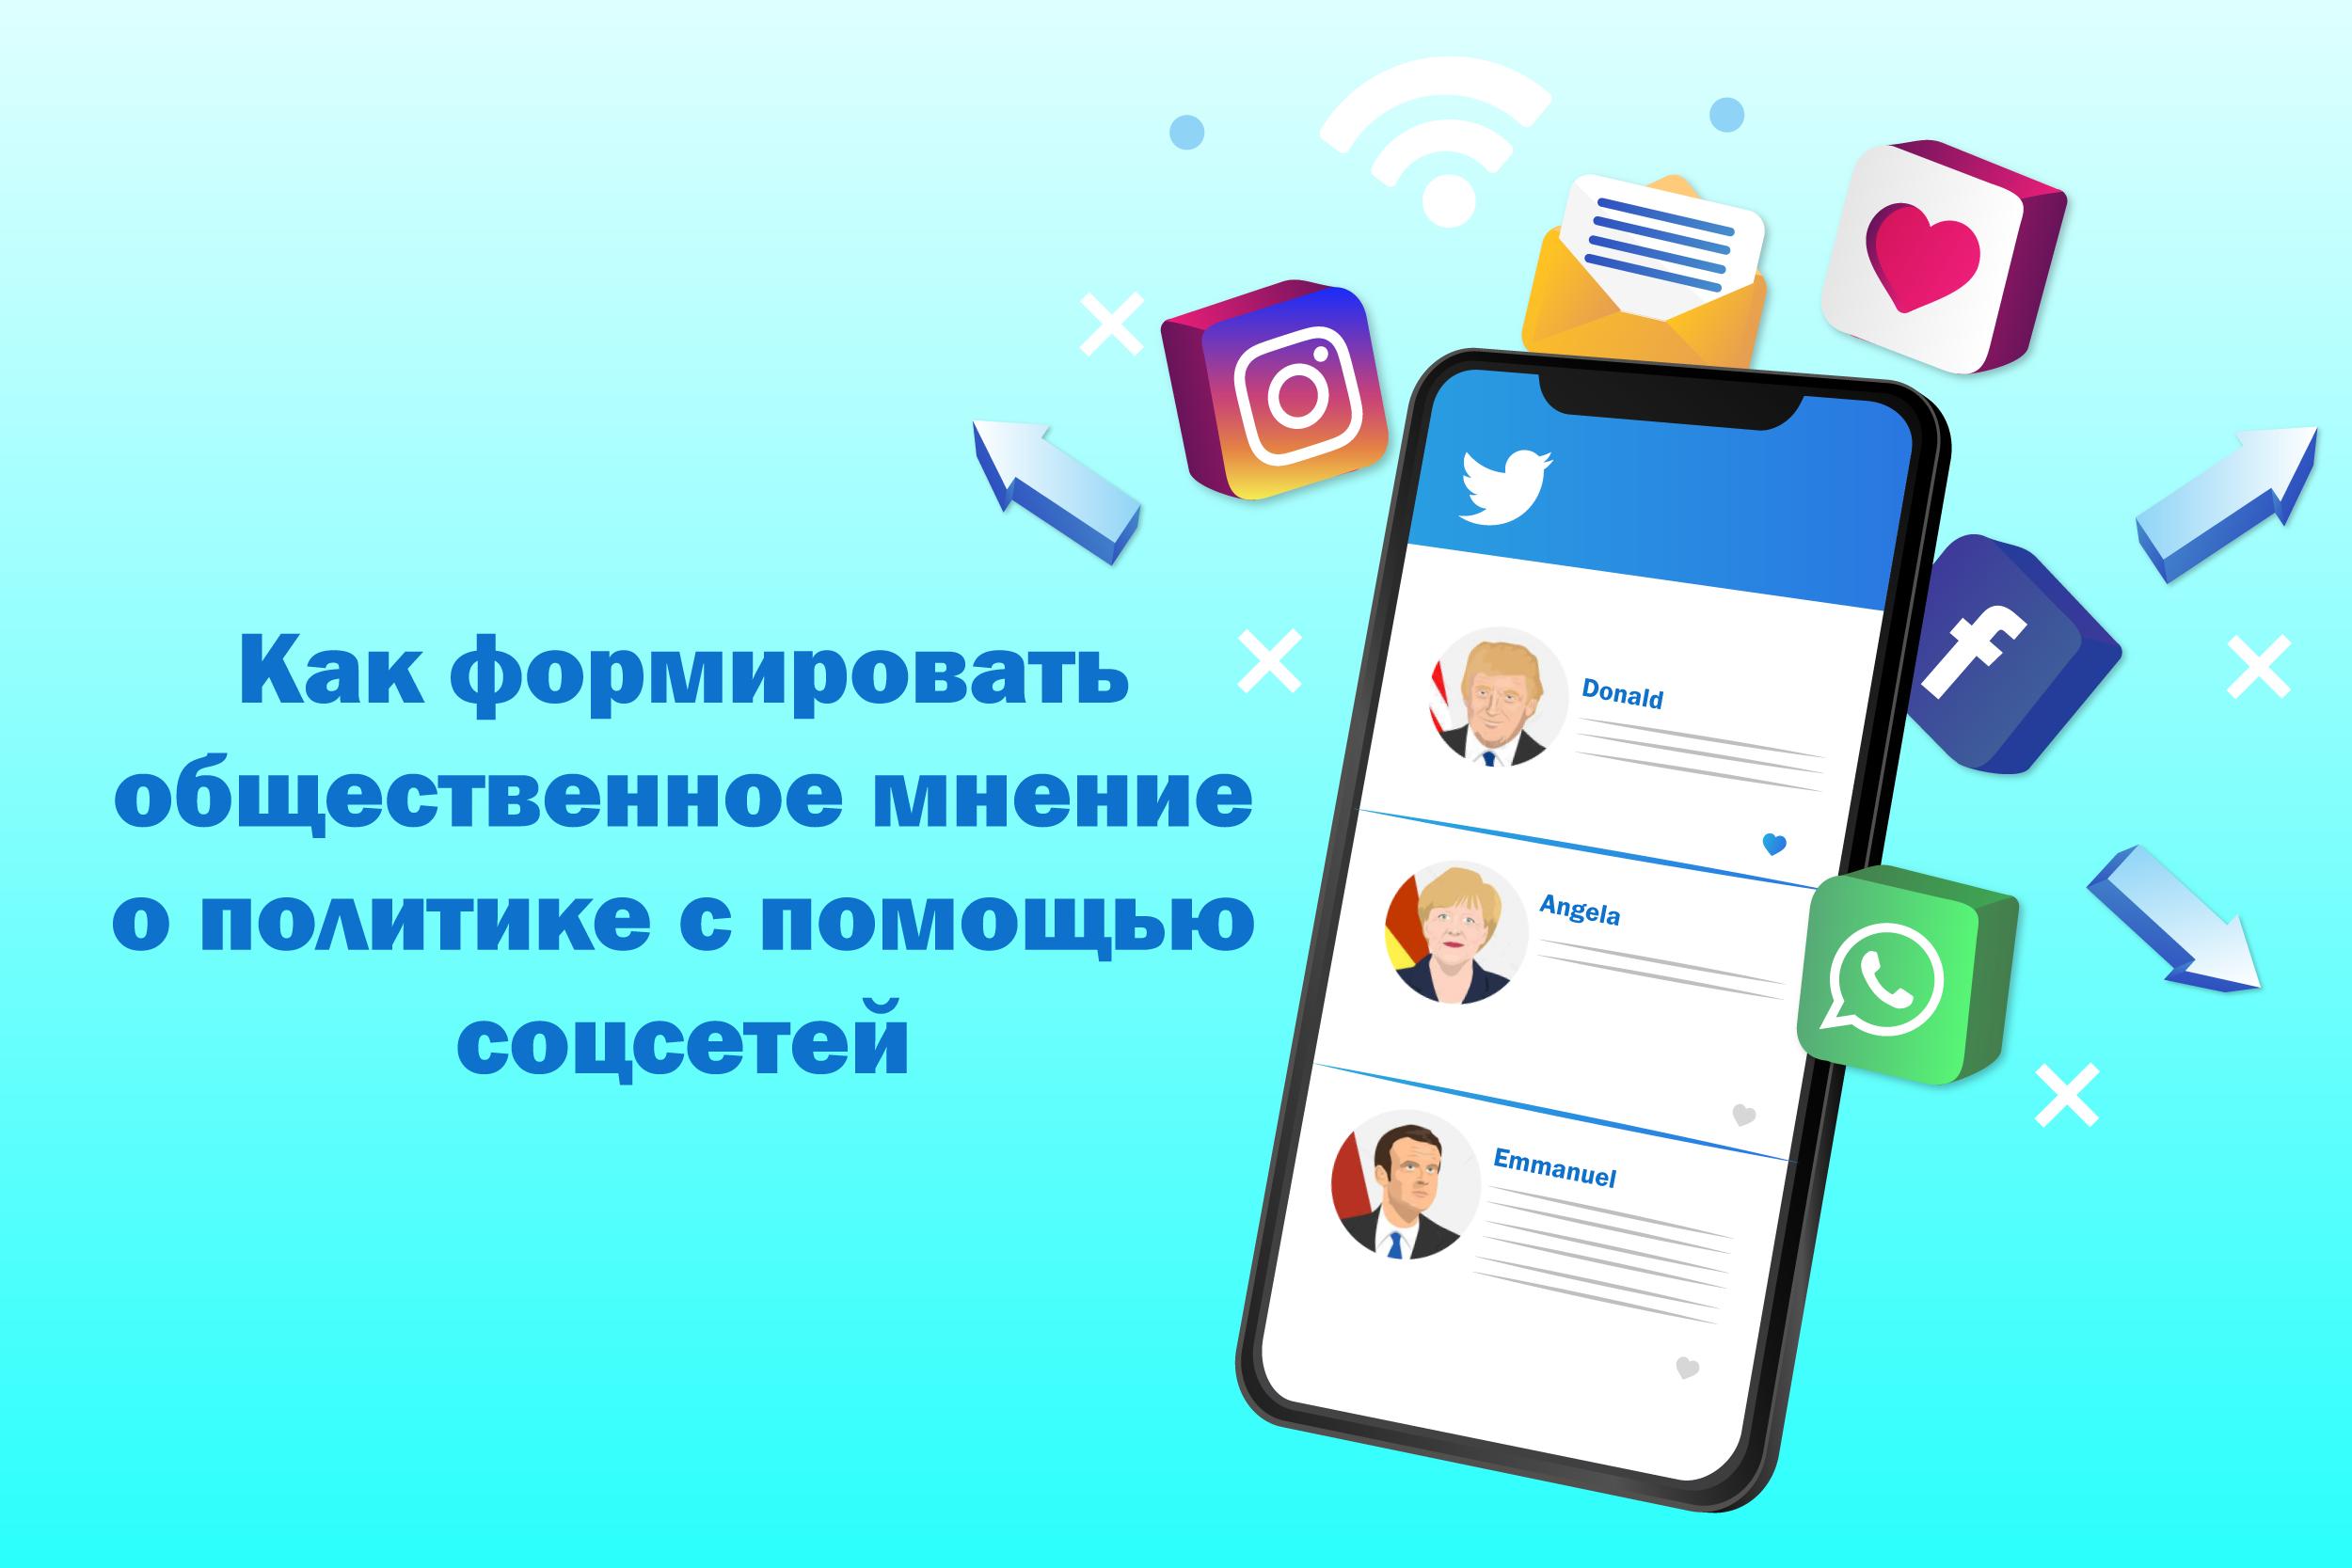 Как формировать общественное мнение о политике с помощью соцсетей